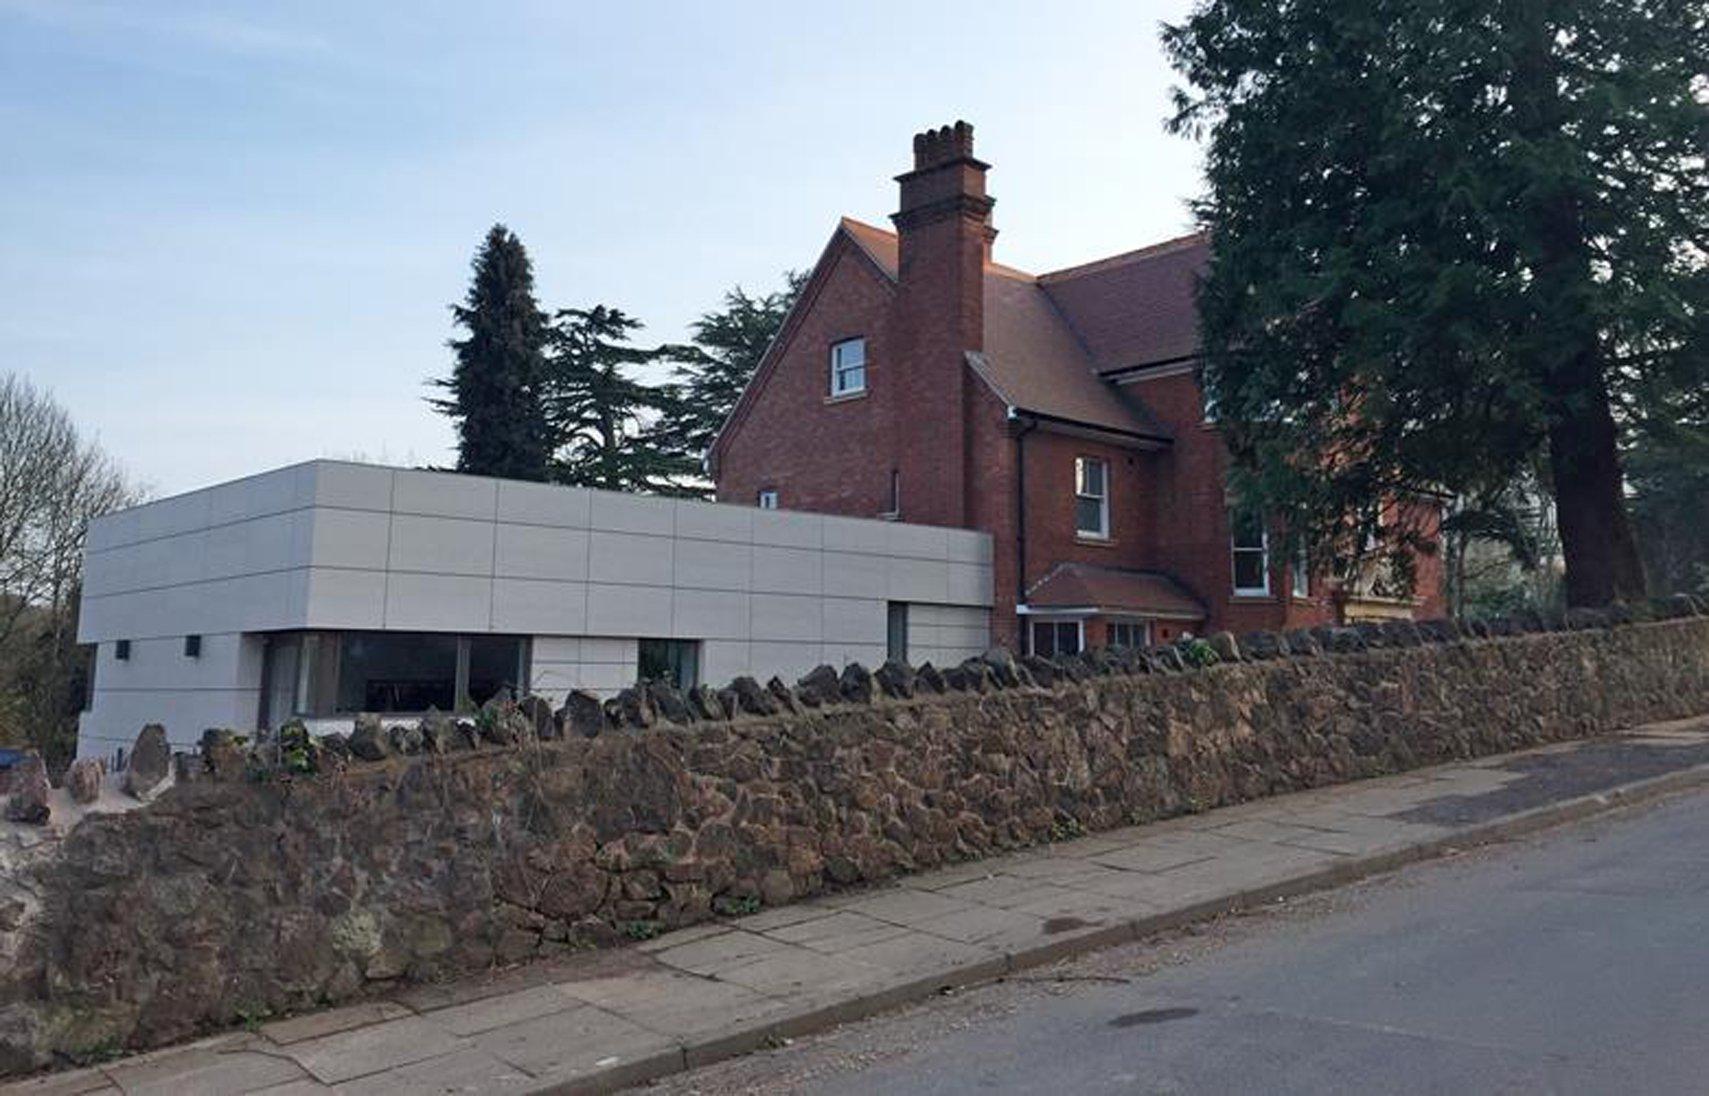 8 Somers Road (Malvern) di Vivid Architect